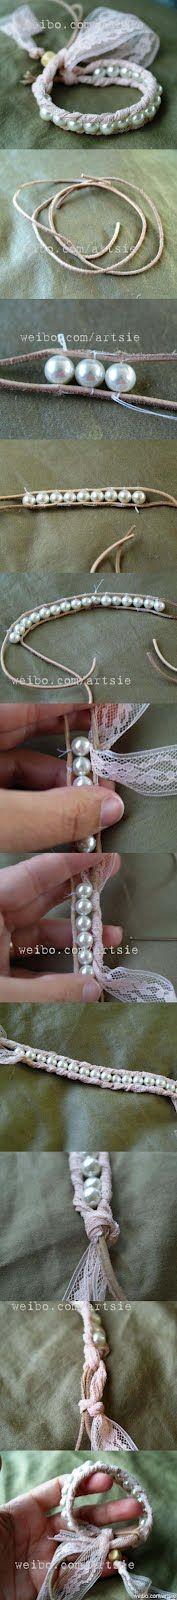 enrHedando: Como hacer una Pulsera de Perlas con Cuero Chan Luu